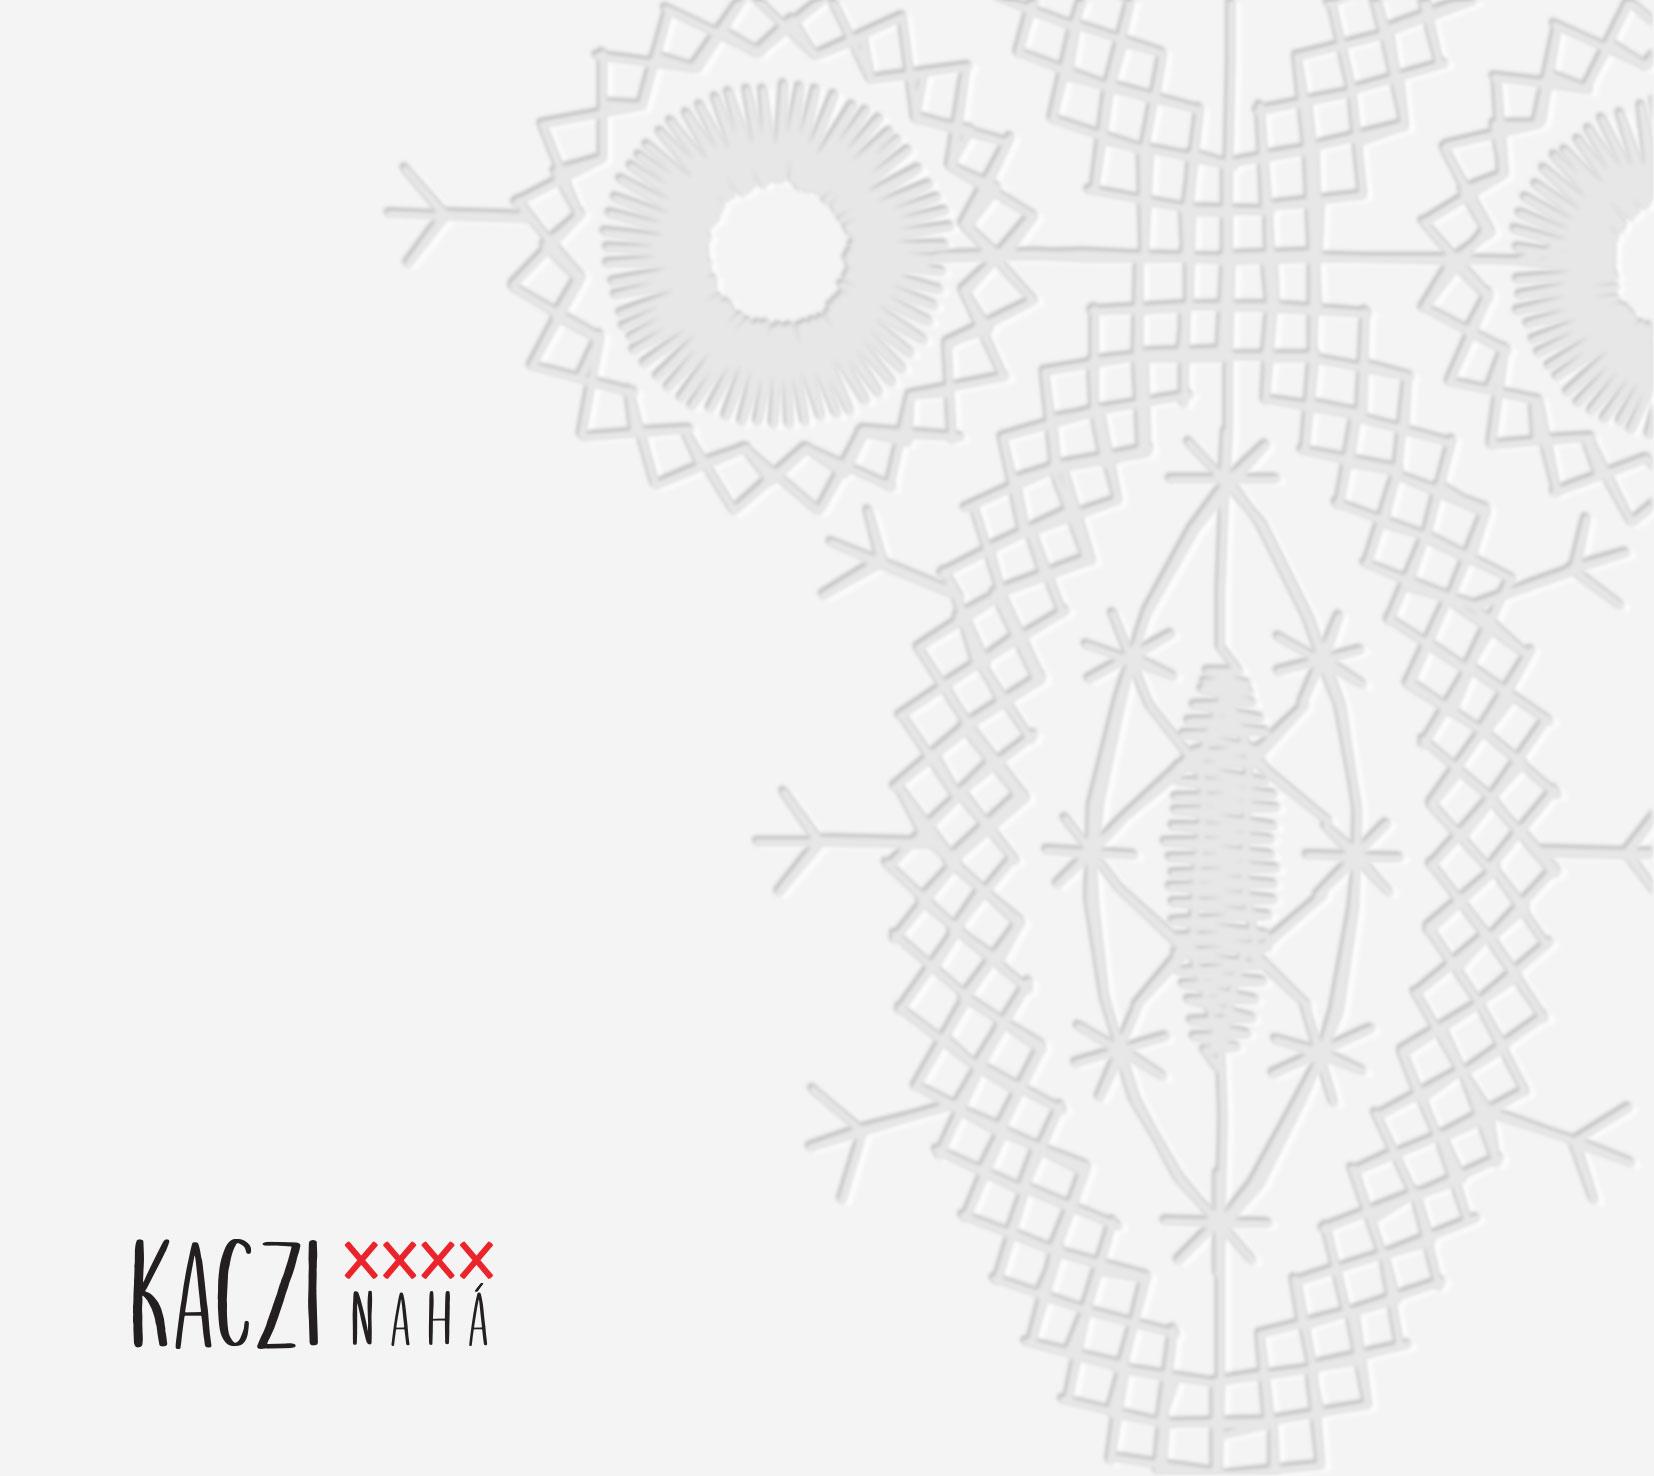 Kaczi - CD Nahá